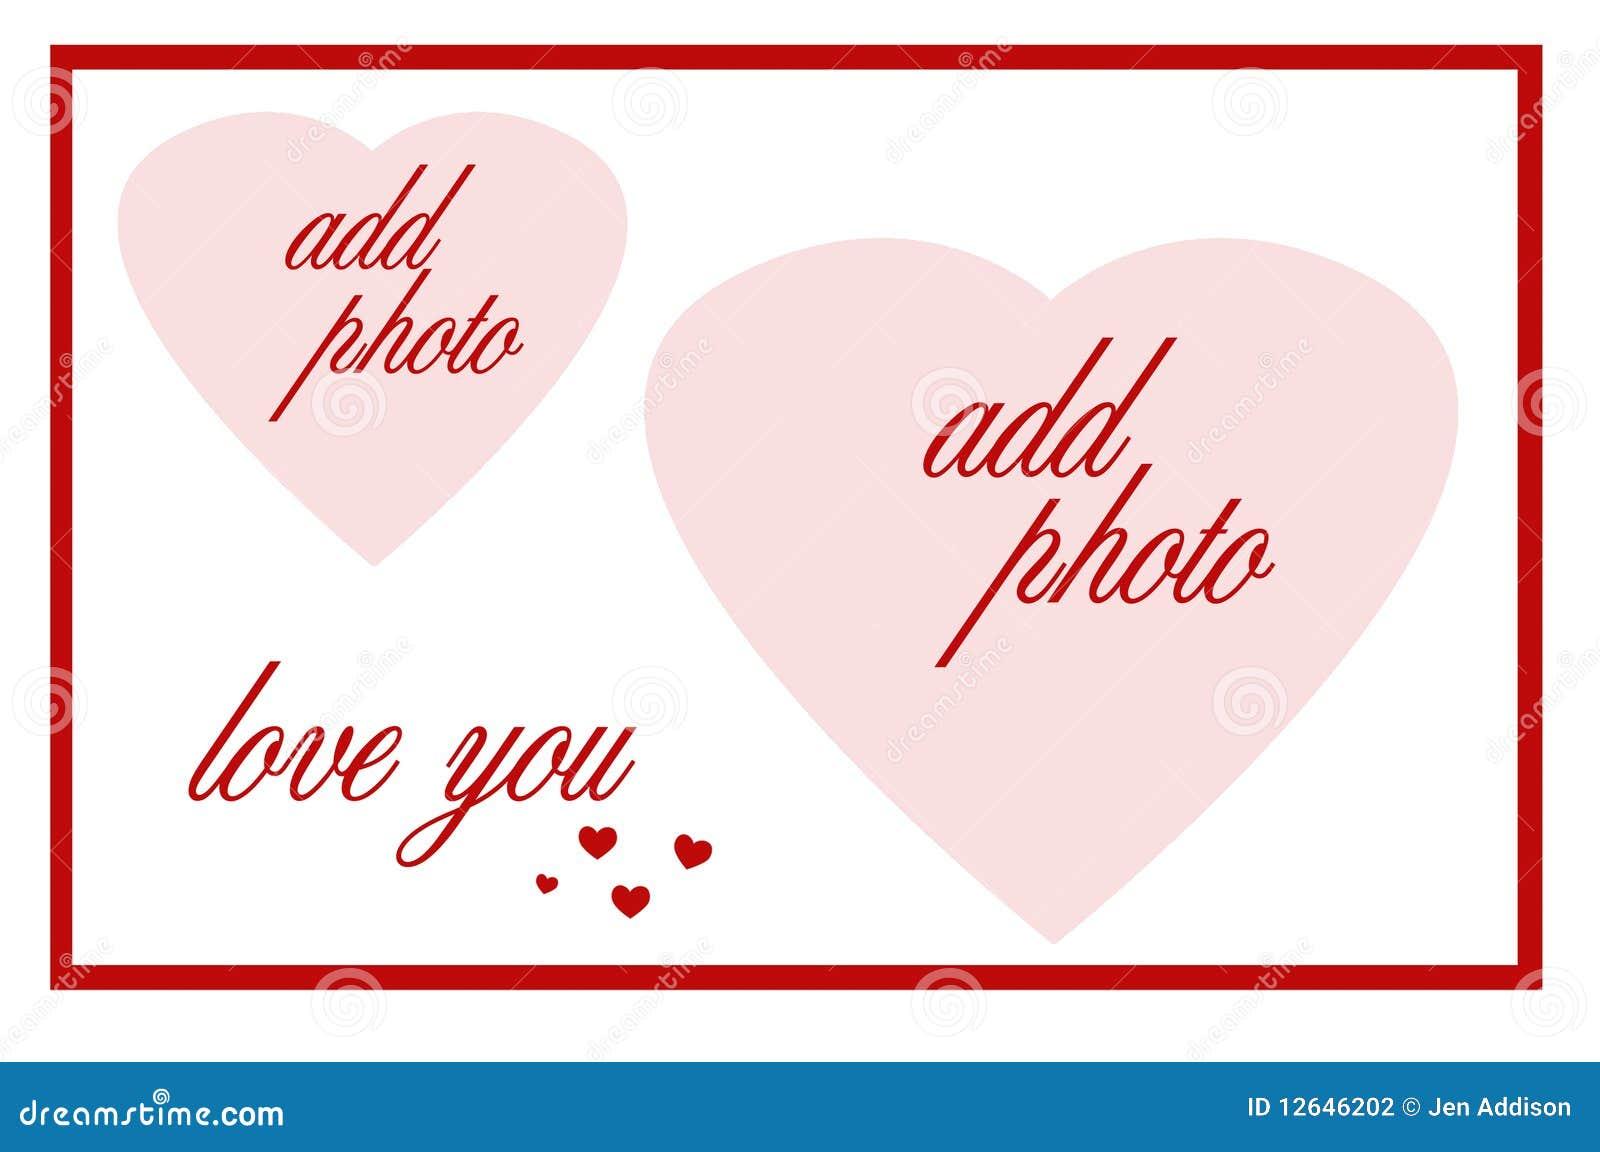 double heart frame stock illustration  image of frame